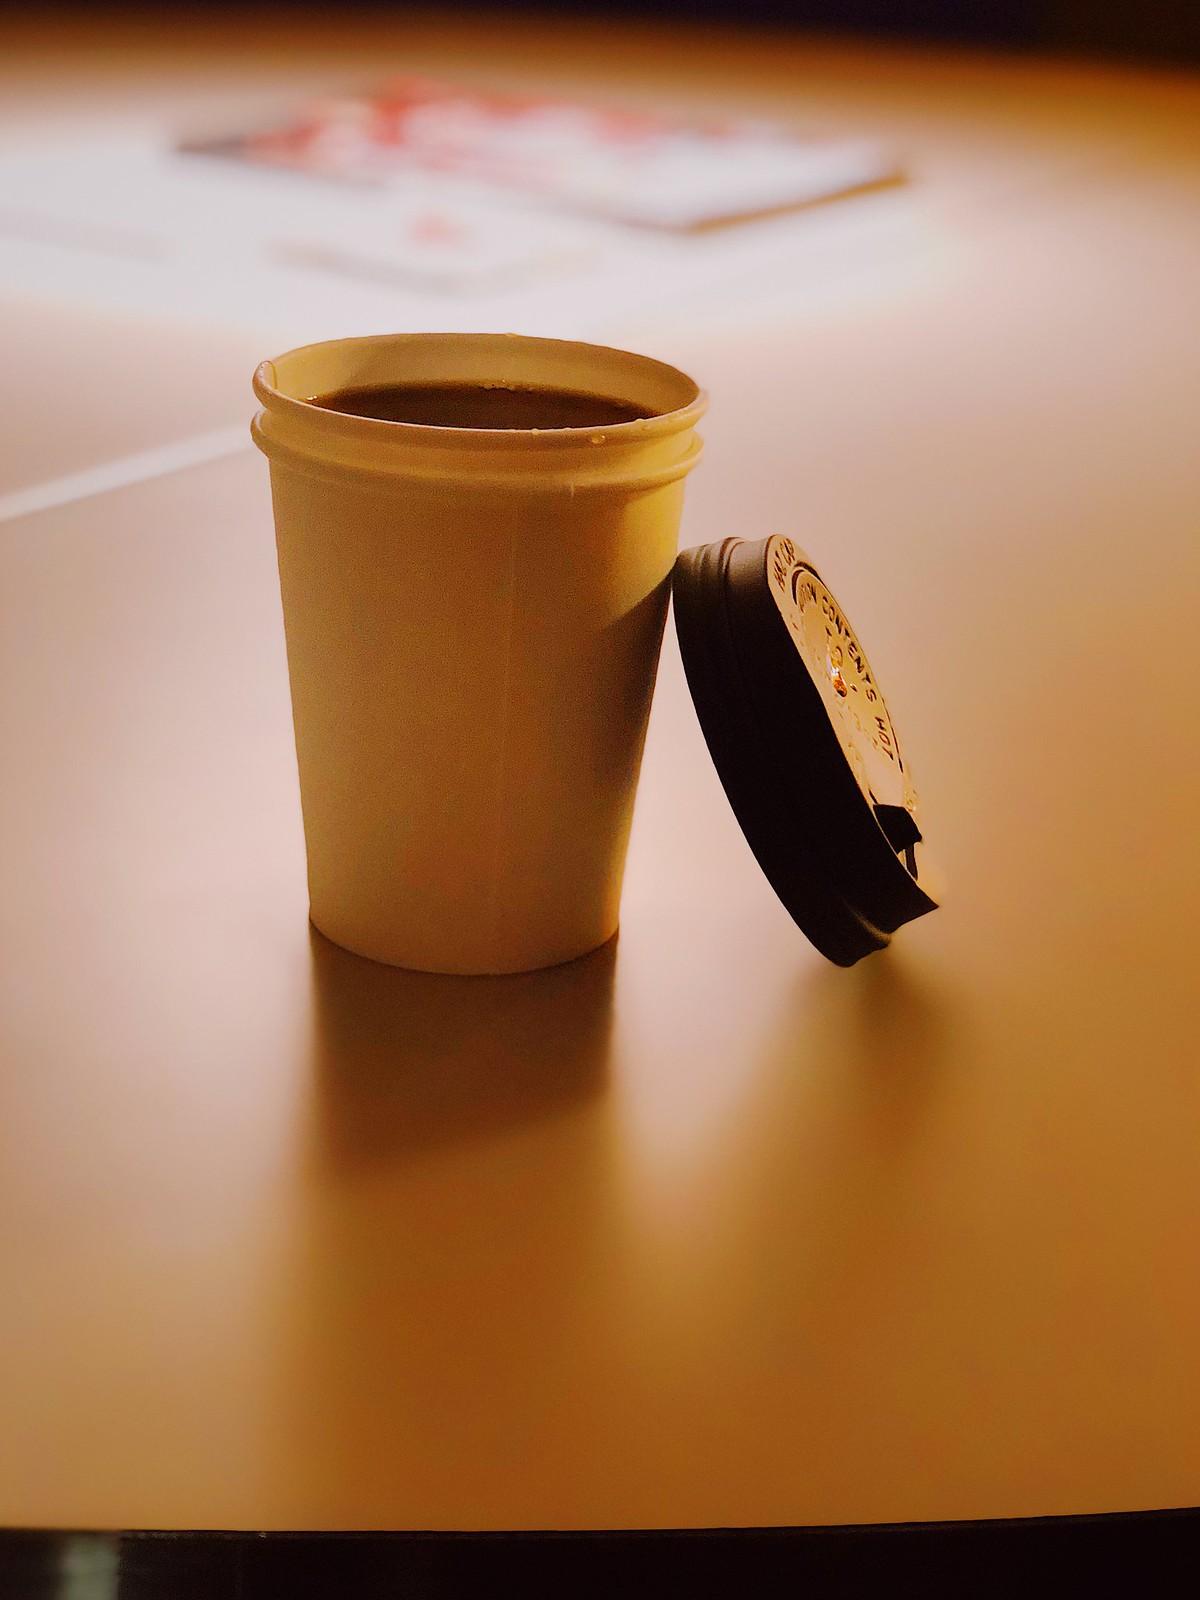 아스트로넛 서플라이의 커피